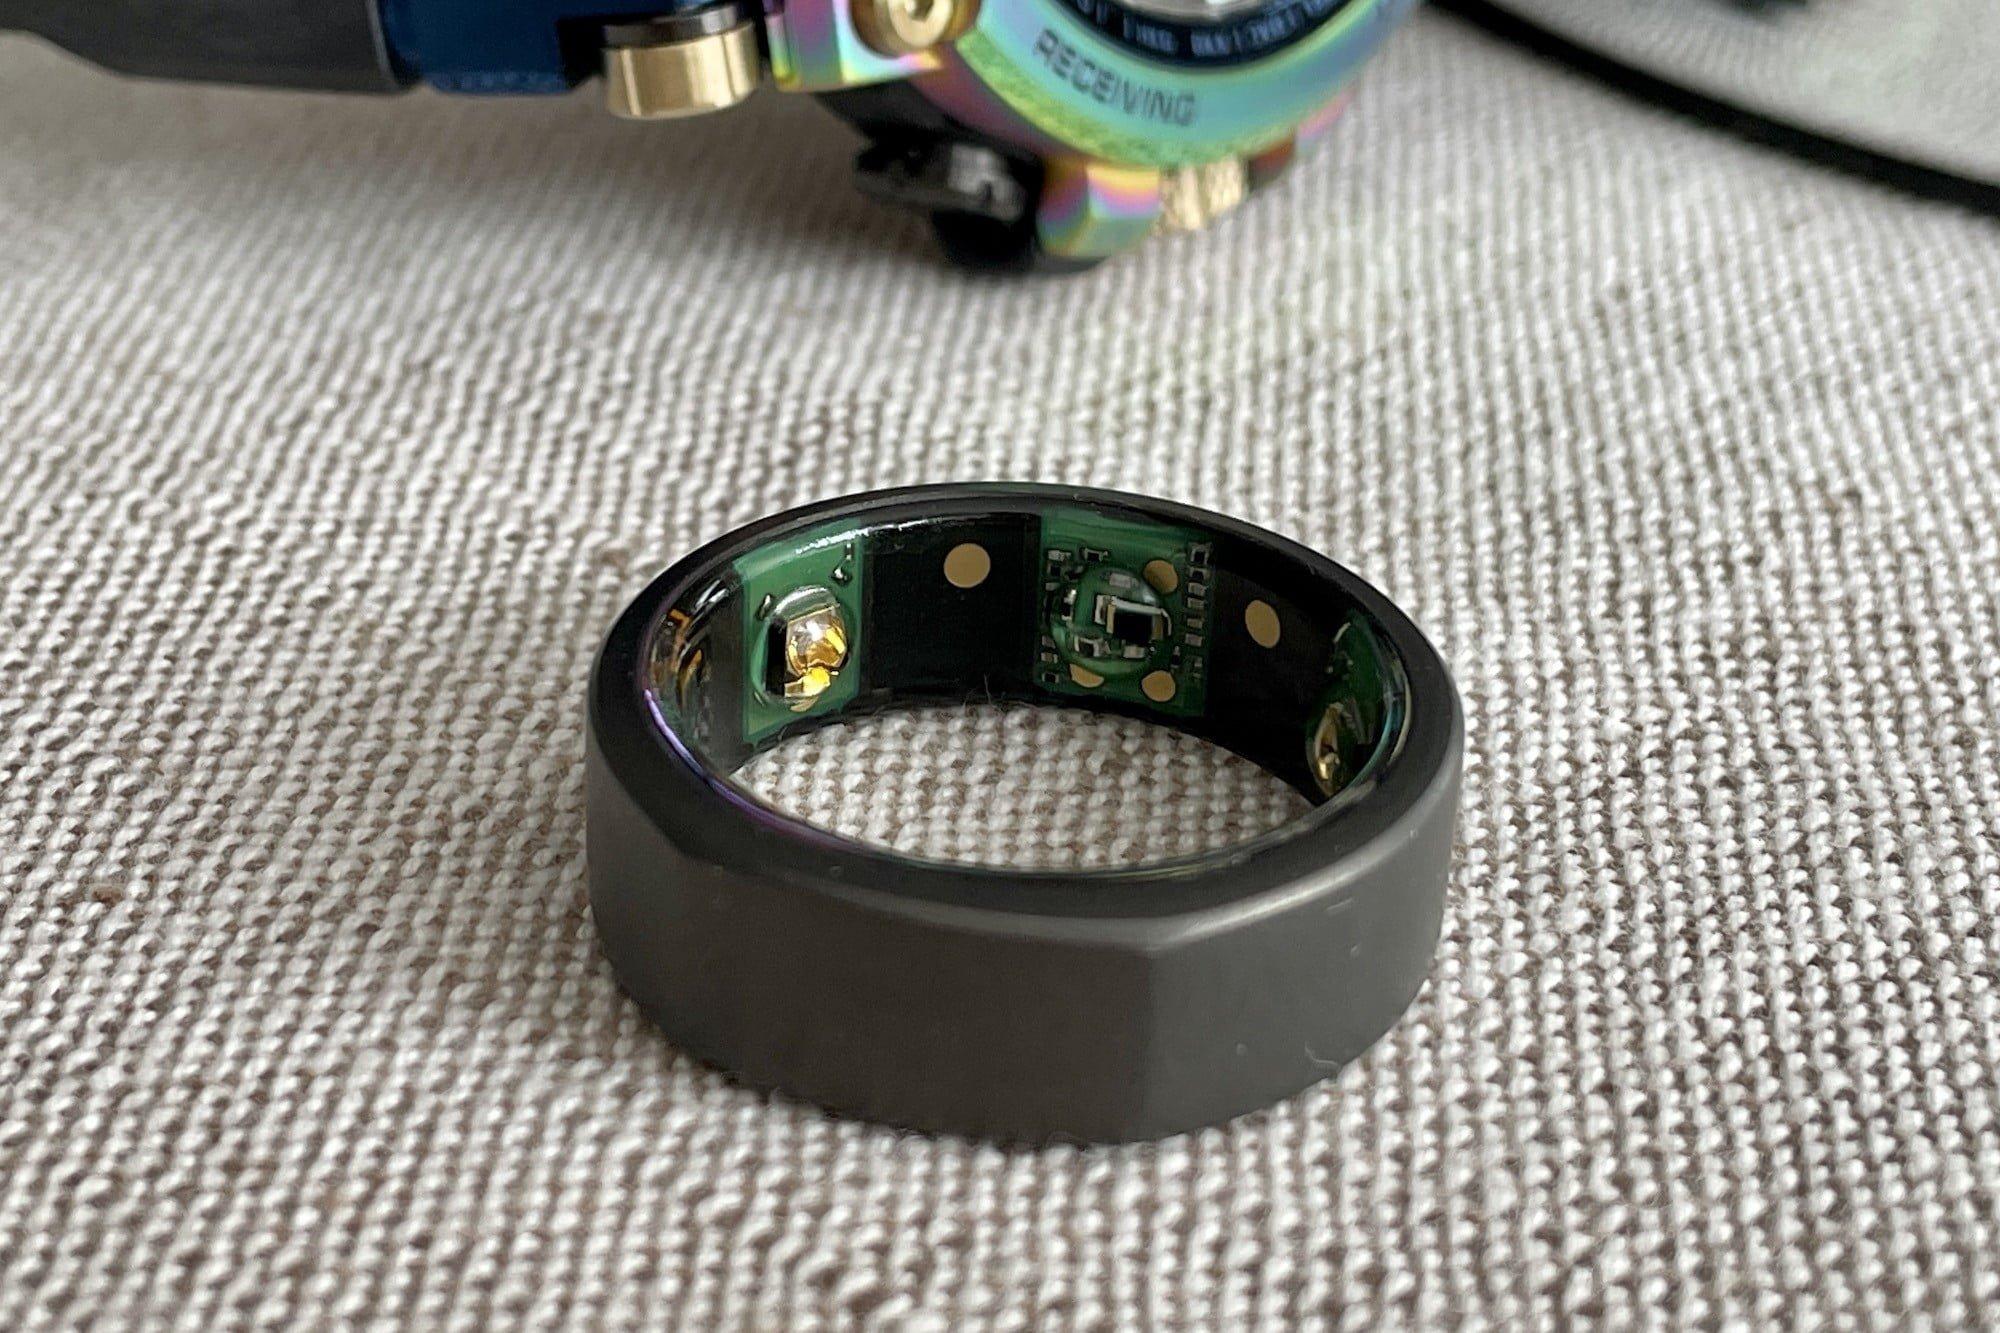 حلقه هوشمند ۳۹۹ دلاری «Oura Ring» گجتی برای پایش خواب و آرامش کاربران